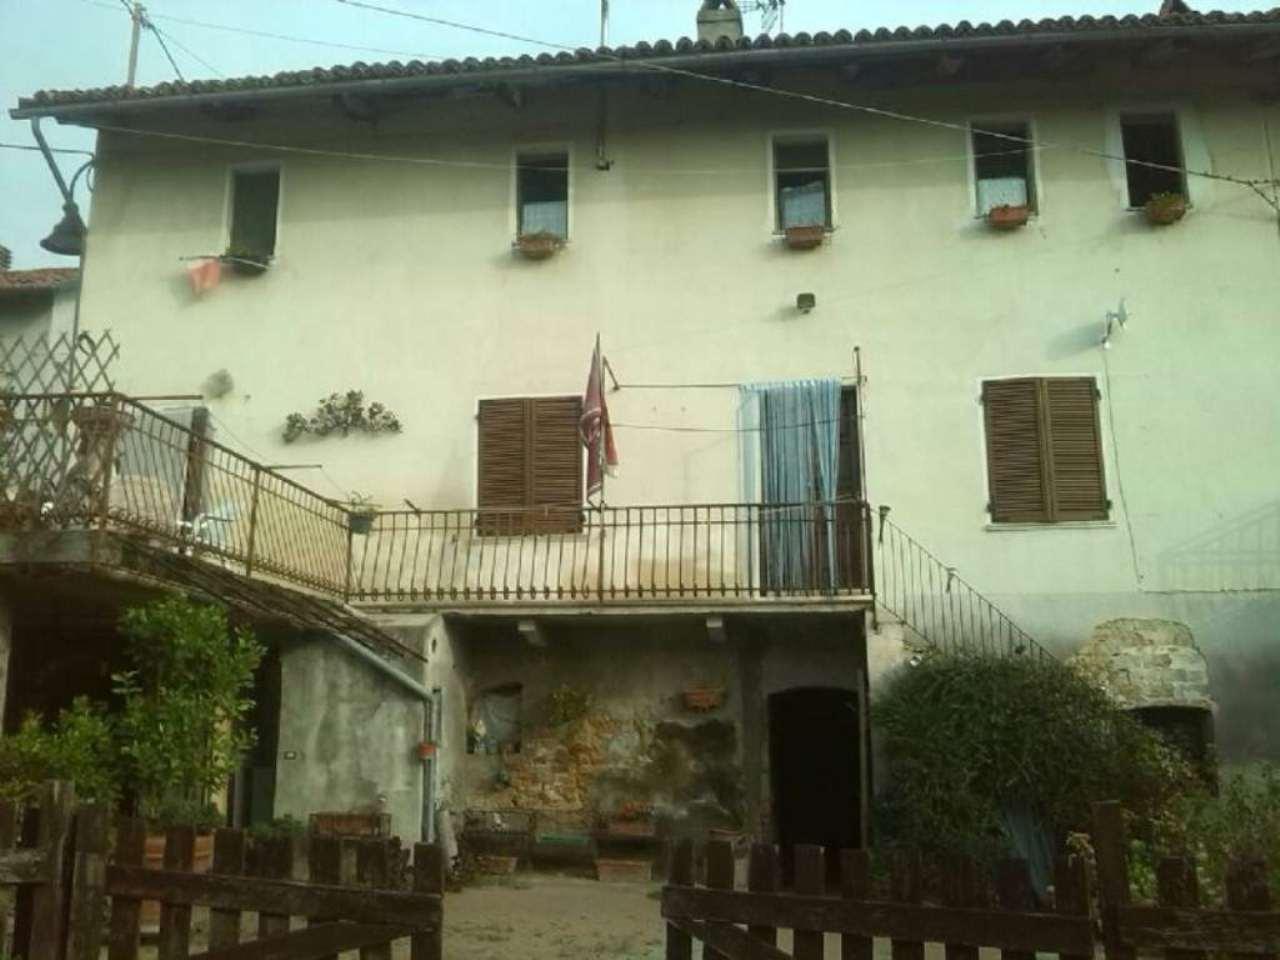 Soluzione Indipendente in vendita a Cerreto d'Asti, 10 locali, prezzo € 140.000 | CambioCasa.it